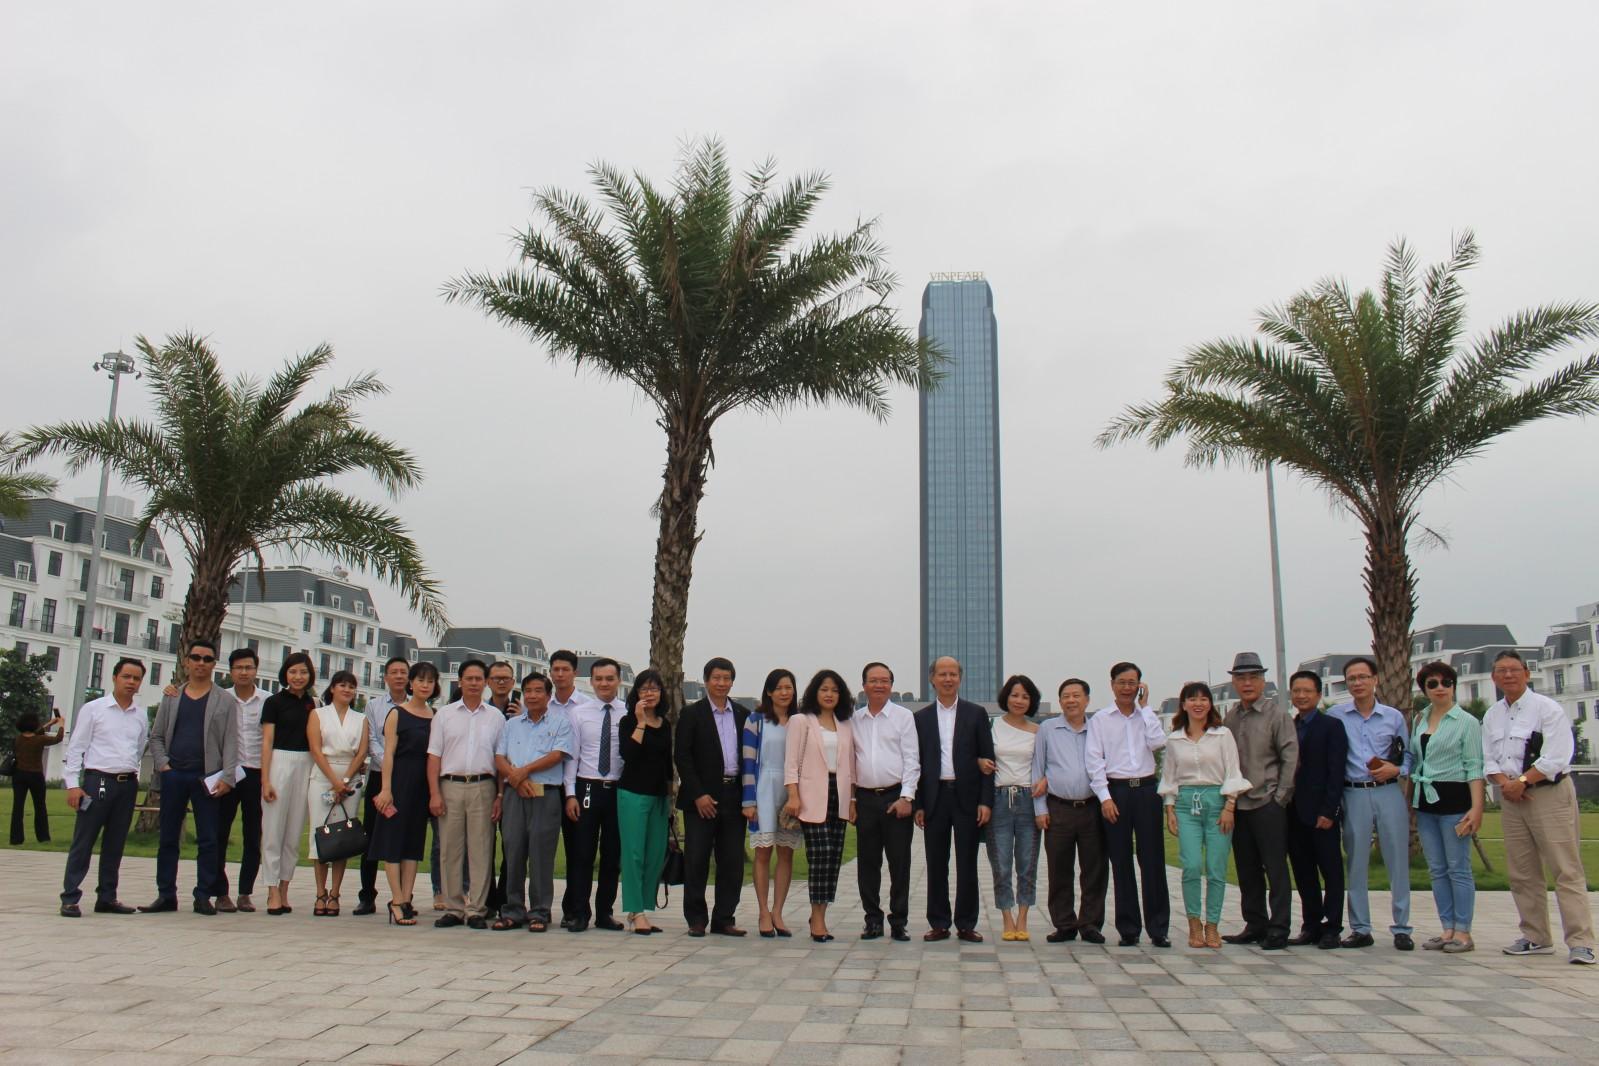 Đoàn Hiệp hội chụp ảnh lưu niệm tại dự án